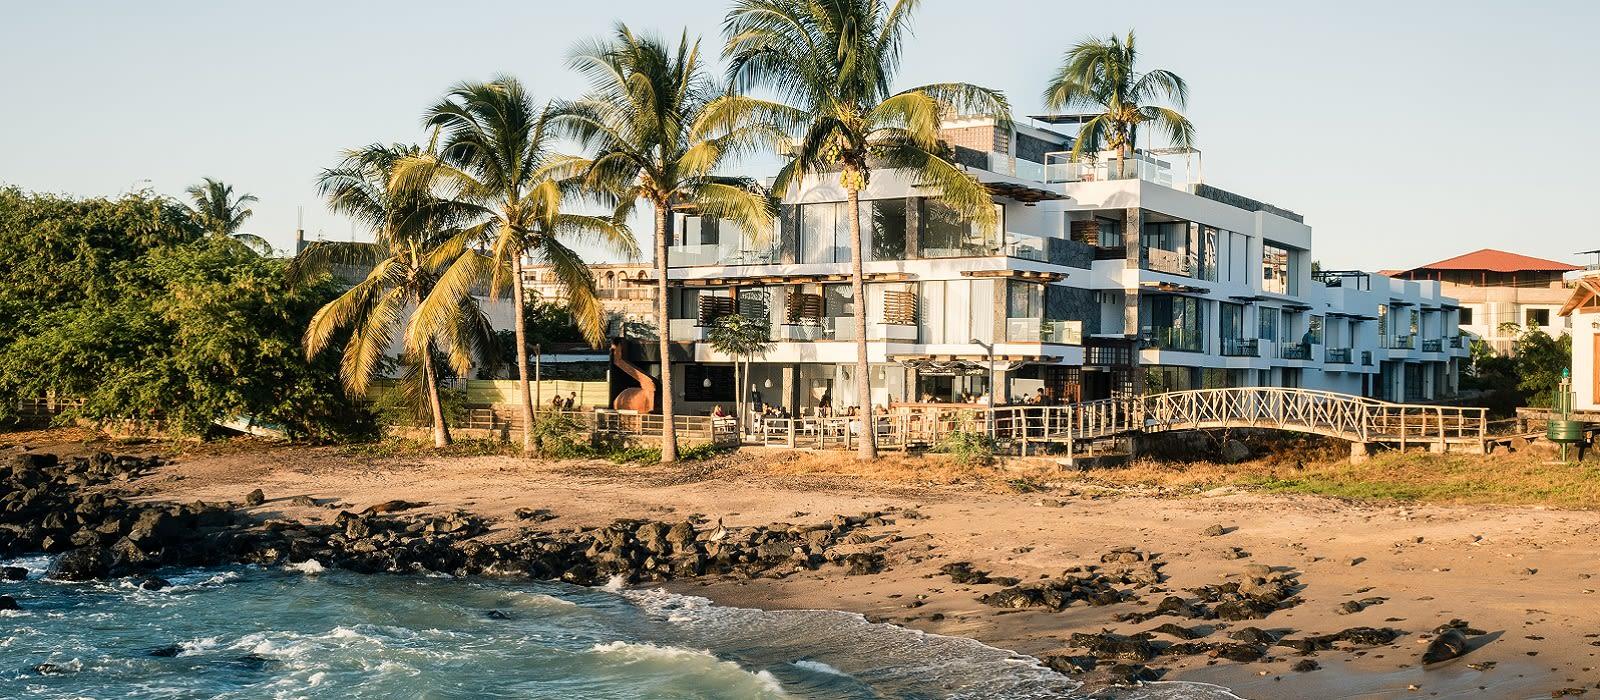 Hotel Golden Bay  & Spa Ecuador/Galapagos